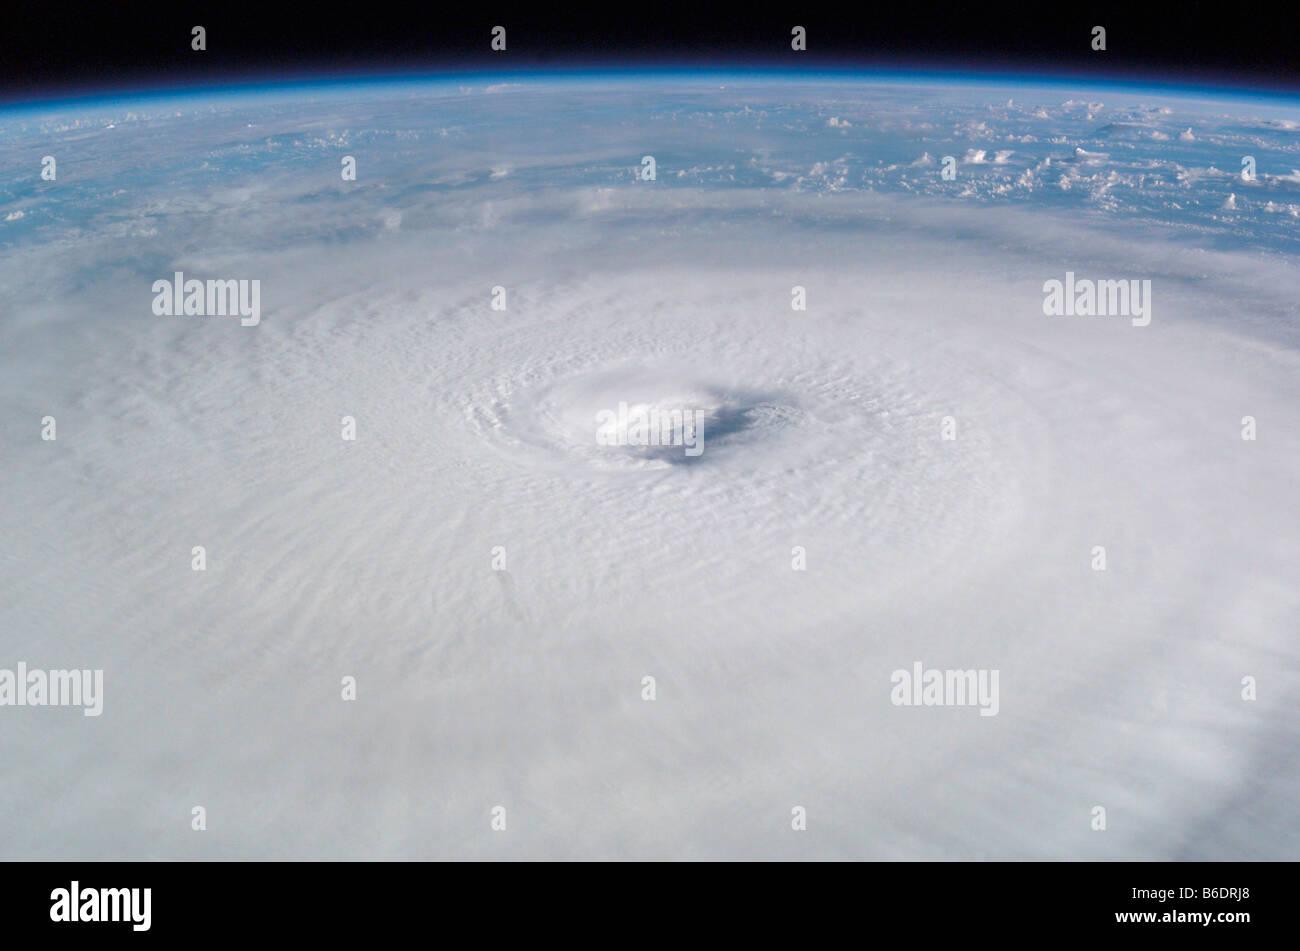 El huracán Isabel. Esta imagen fue tomada desde la Estación Espacial Internacional el 13 de septiembre Imagen De Stock